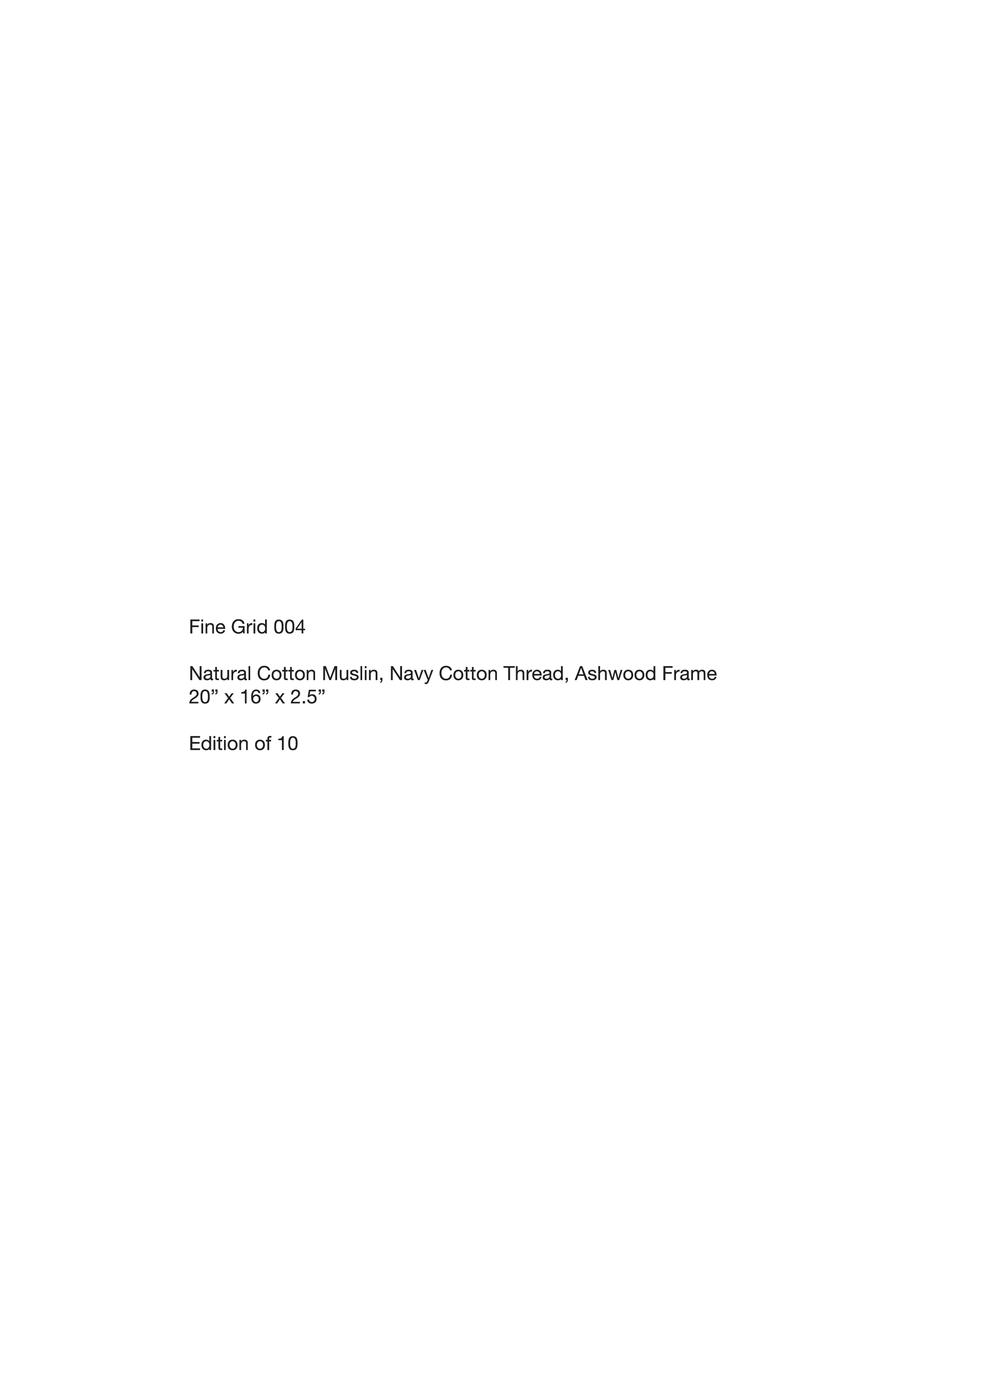 Nicole Patel Fine Grid 004 Text-01.png